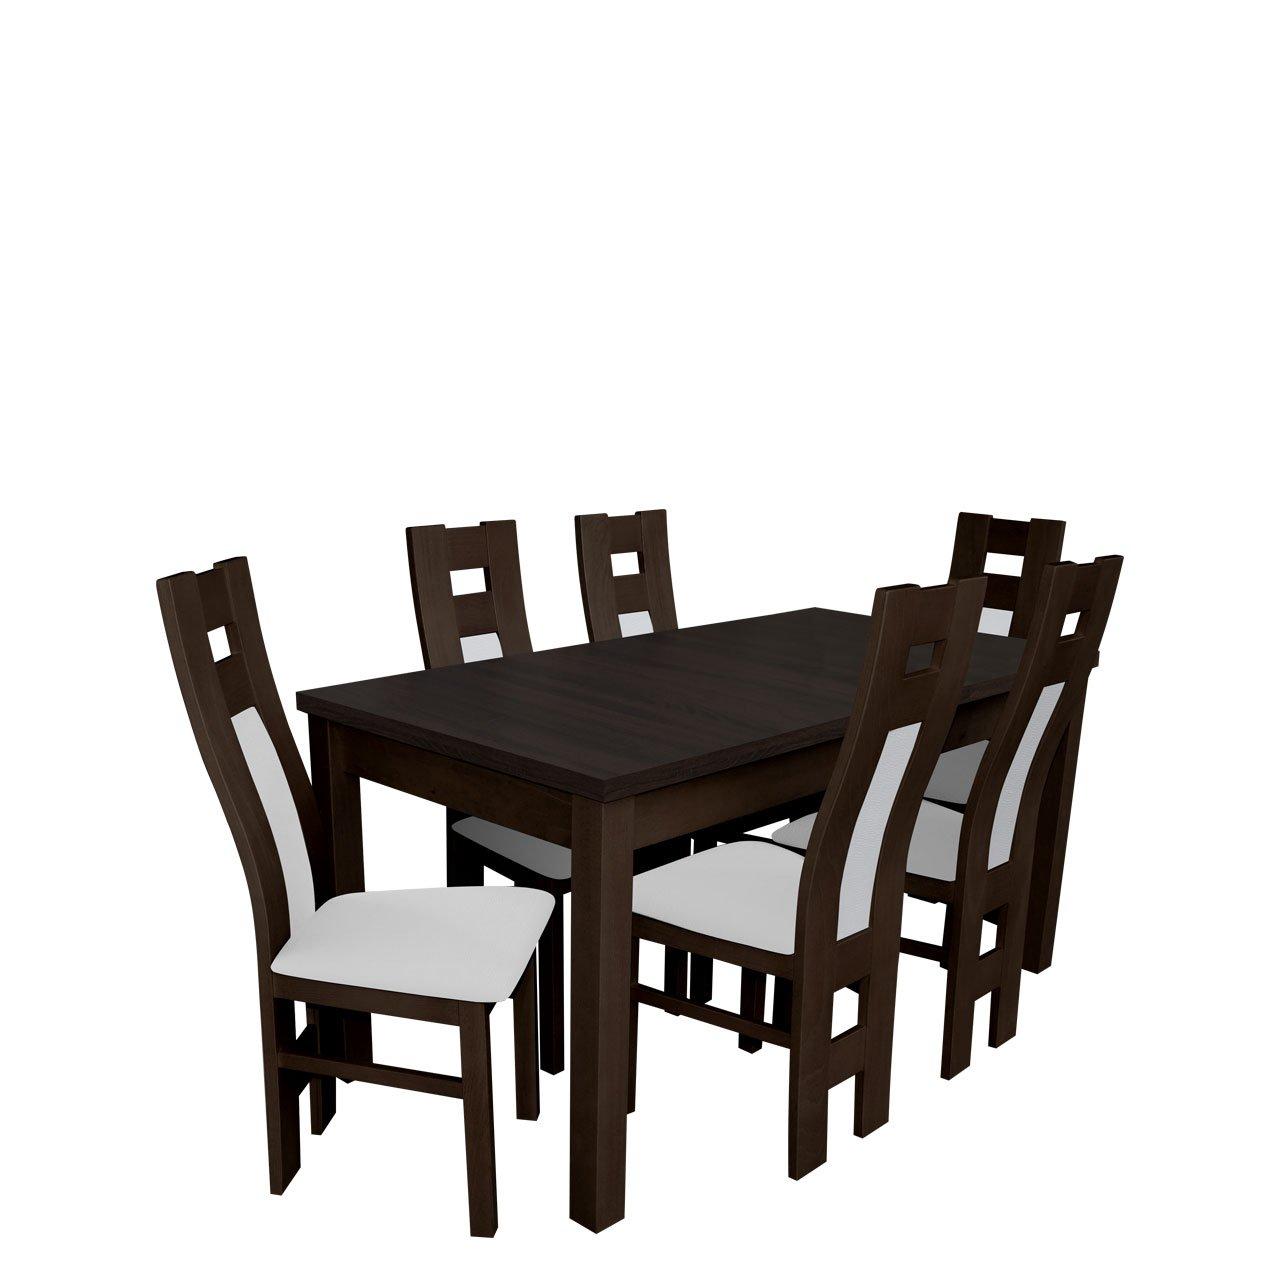 asztal a látásra